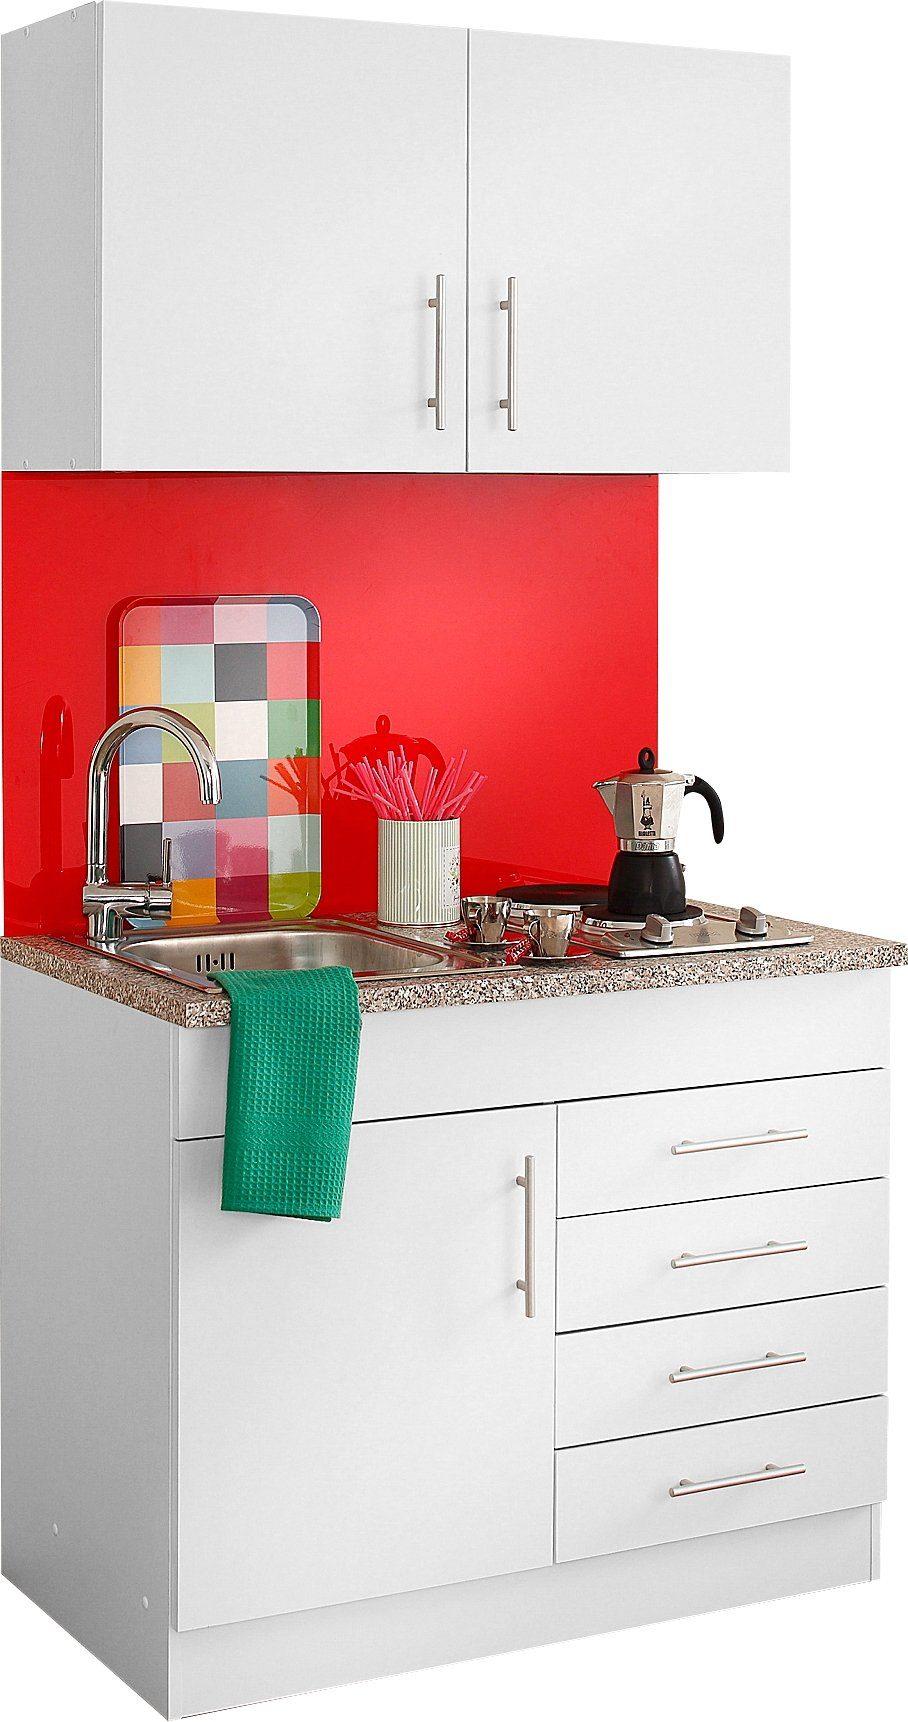 Unterschiedlich Singleküche & Miniküchen online kaufen | OTTO UO95